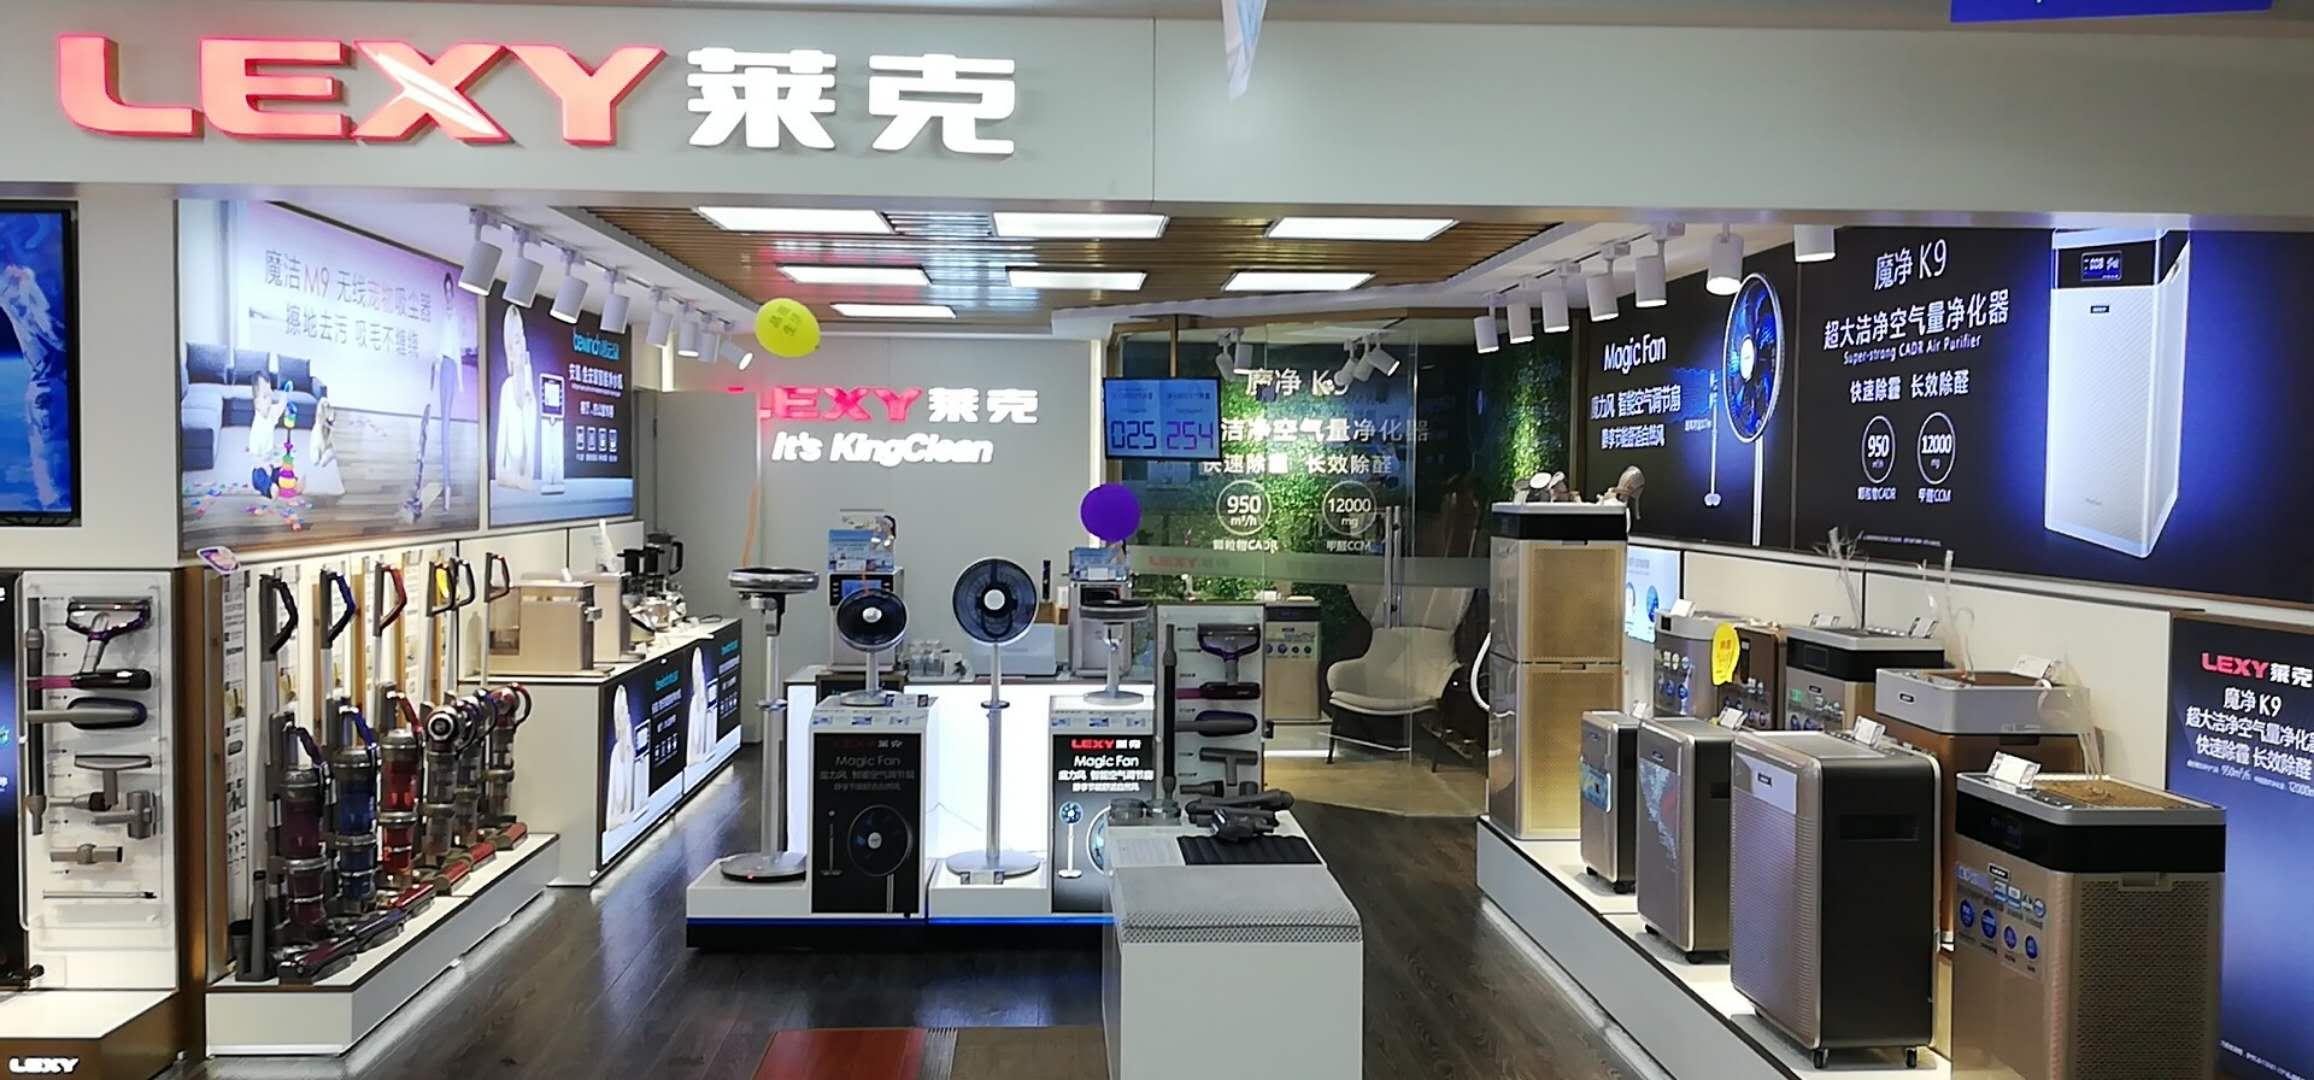 莱克高层现身五星电器总部,双方将聚焦独有优势产品